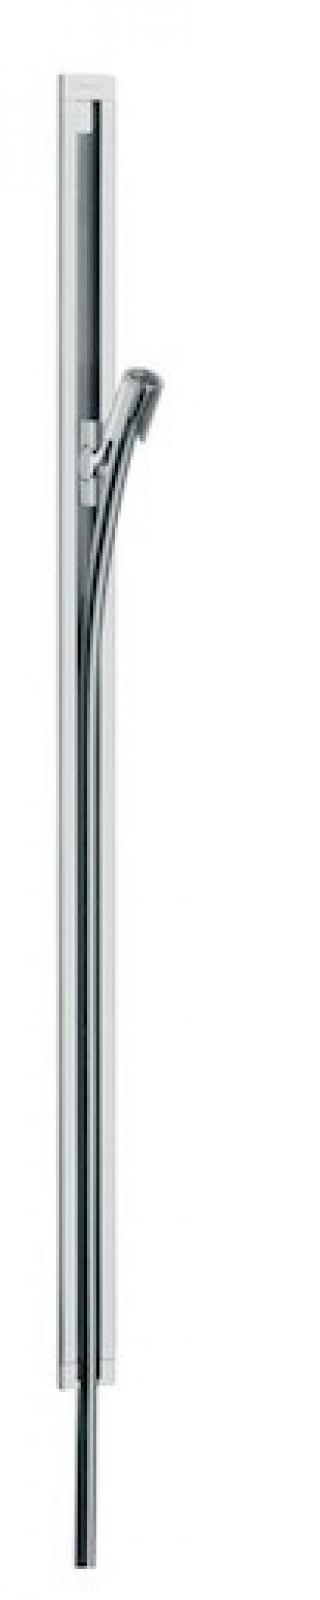 Sprchová tyč Hansgrohe Puravida se sprchovou hadicí chrom 27844000 chrom chrom